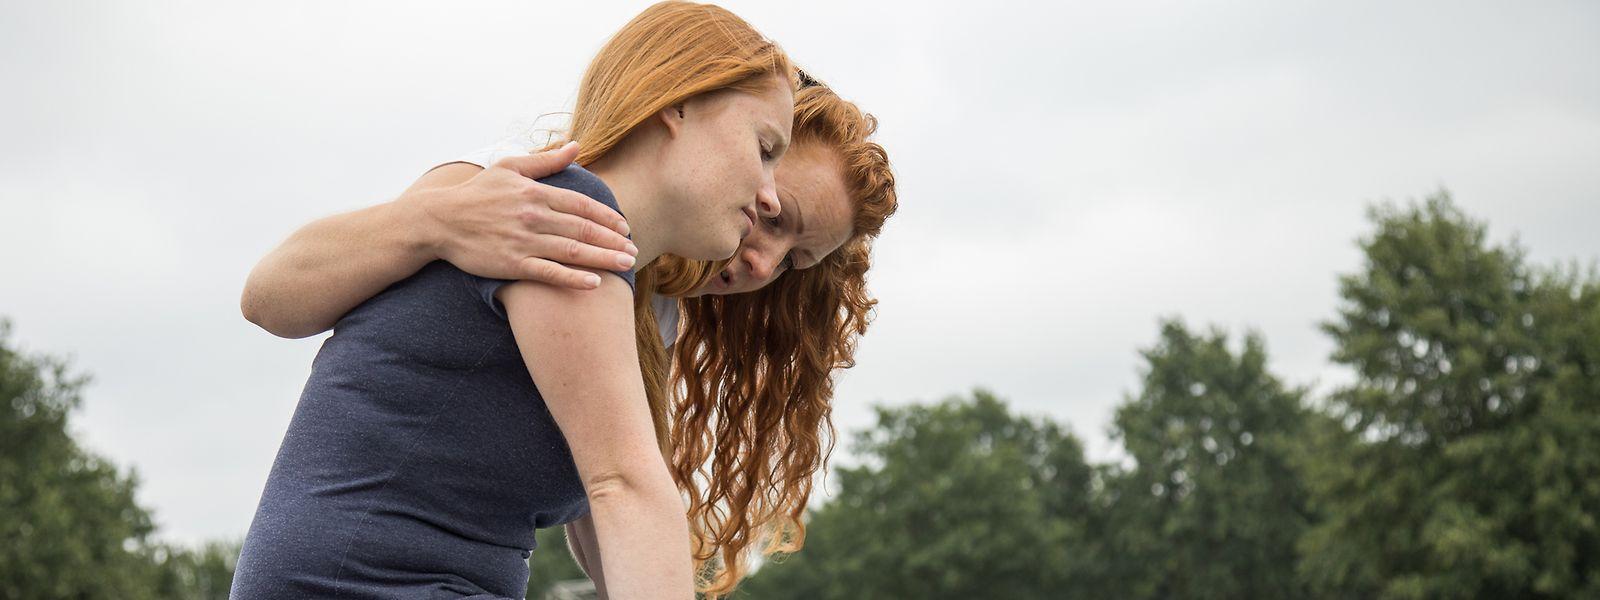 Freunde, die nach einer Trennung ungefragt den Therapeuten spielen, können das Drama beim Ex-Paar noch verstärken.